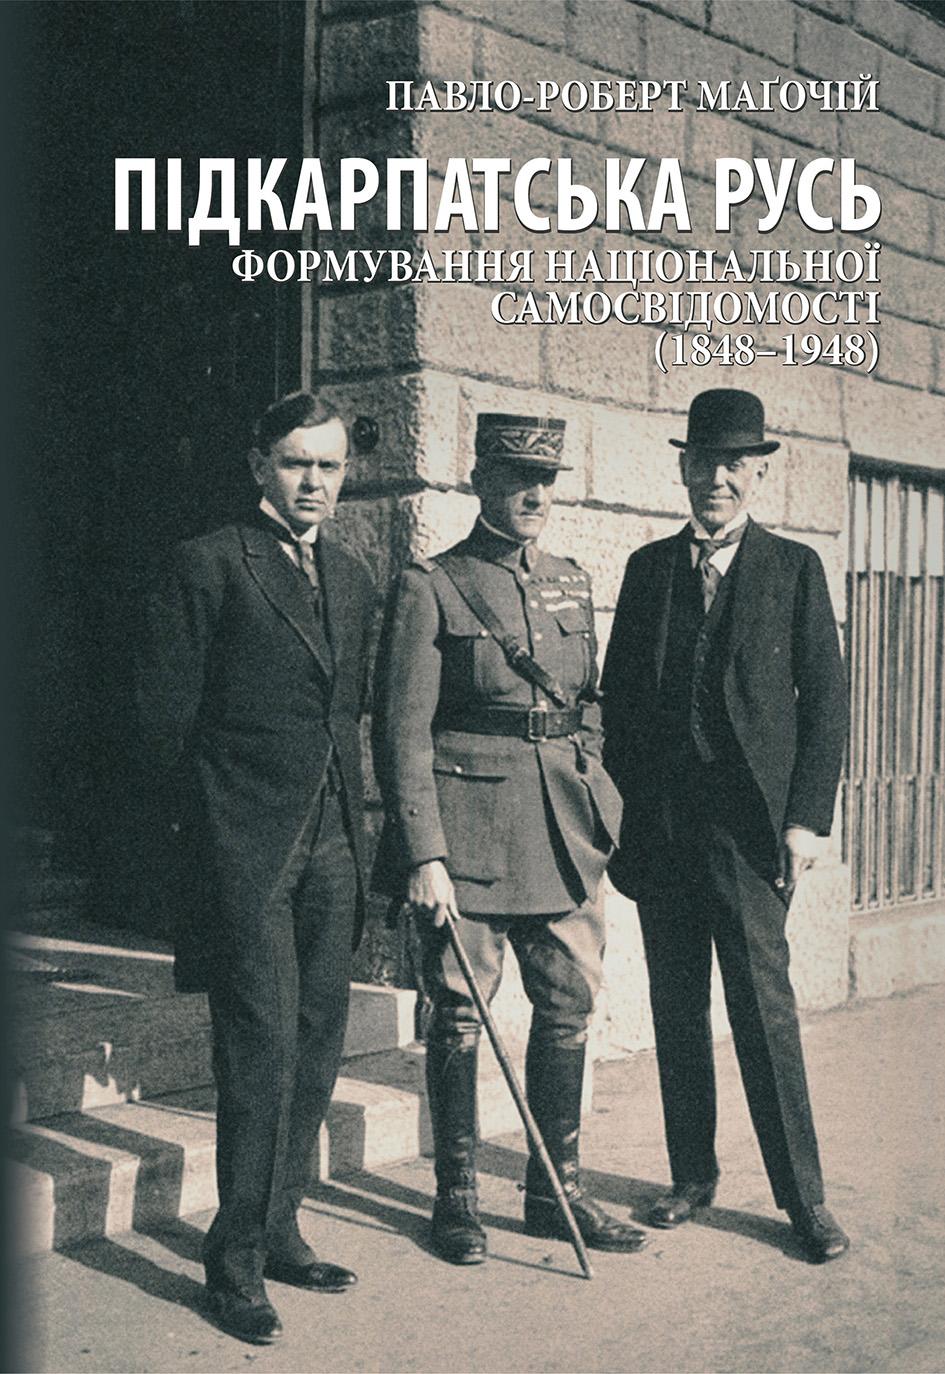 Усі охочі зможуть зустрітись з автором книги «Підкарпатська Русь: формування національної самосвідомості (1848 –1948)» уже 2 вересня.